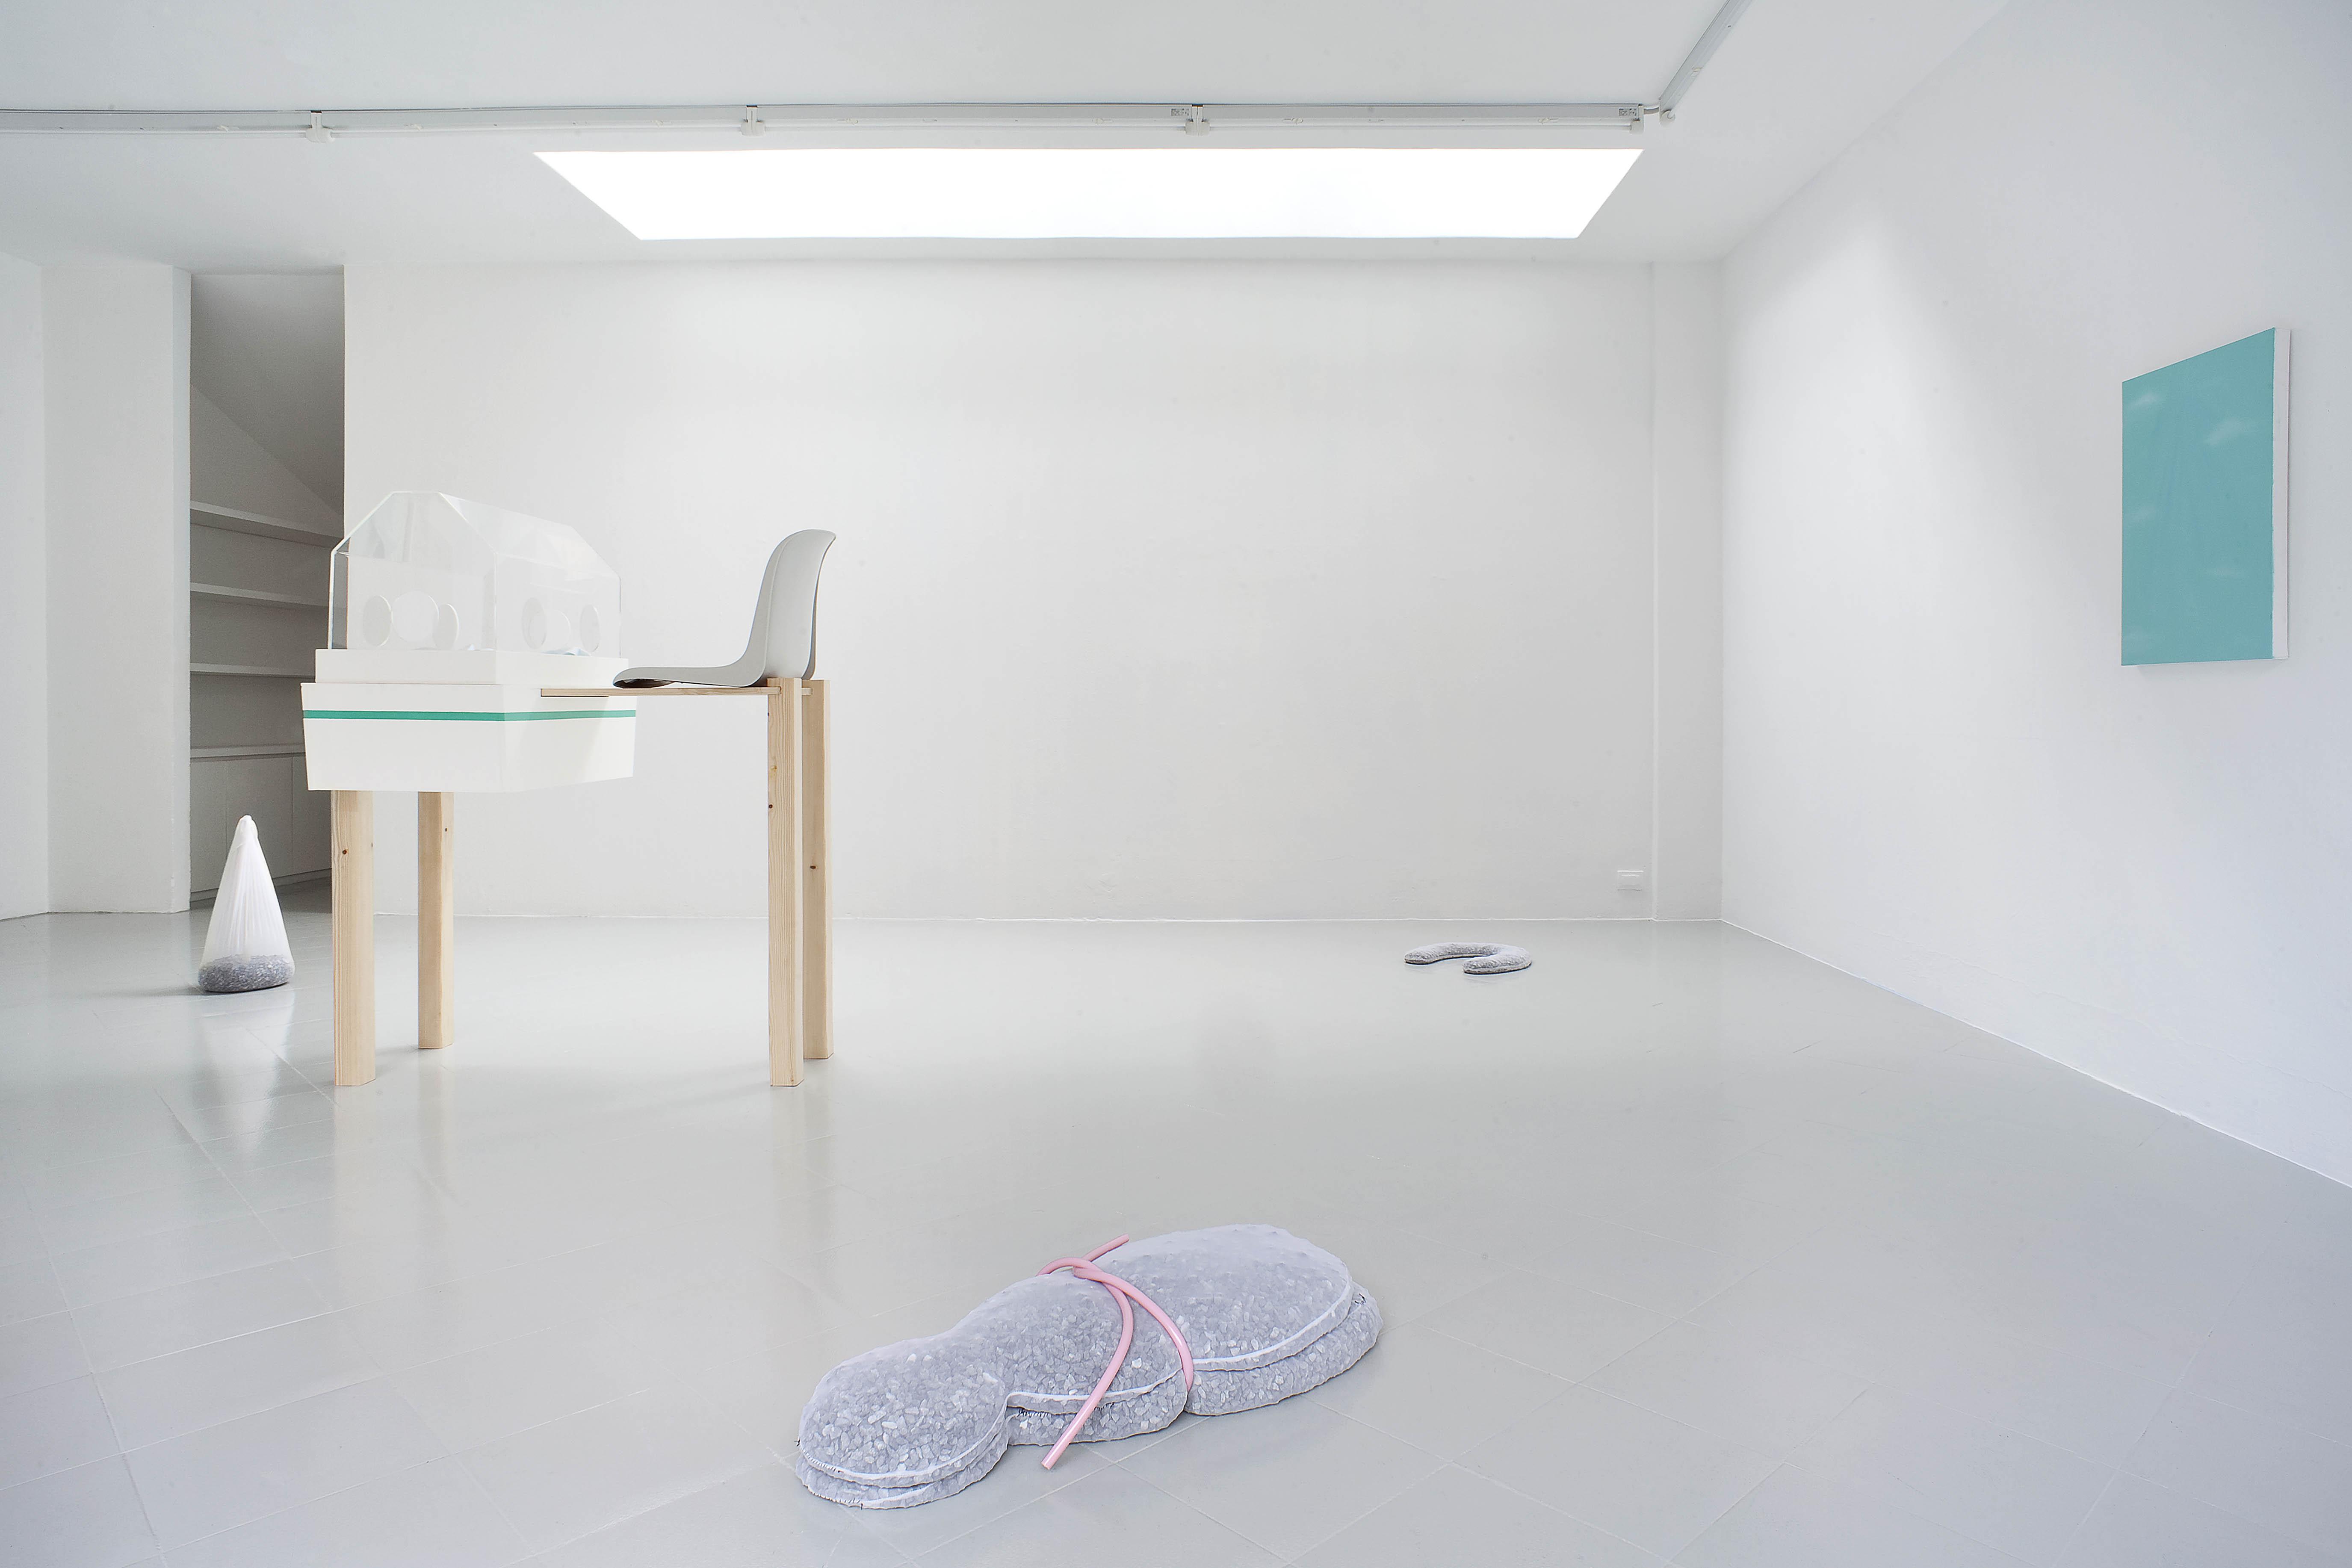 3 - Guendalina Cerruti at Studiolo Installation view 2015 - Courtesy Artist and Studiolo Milan copia